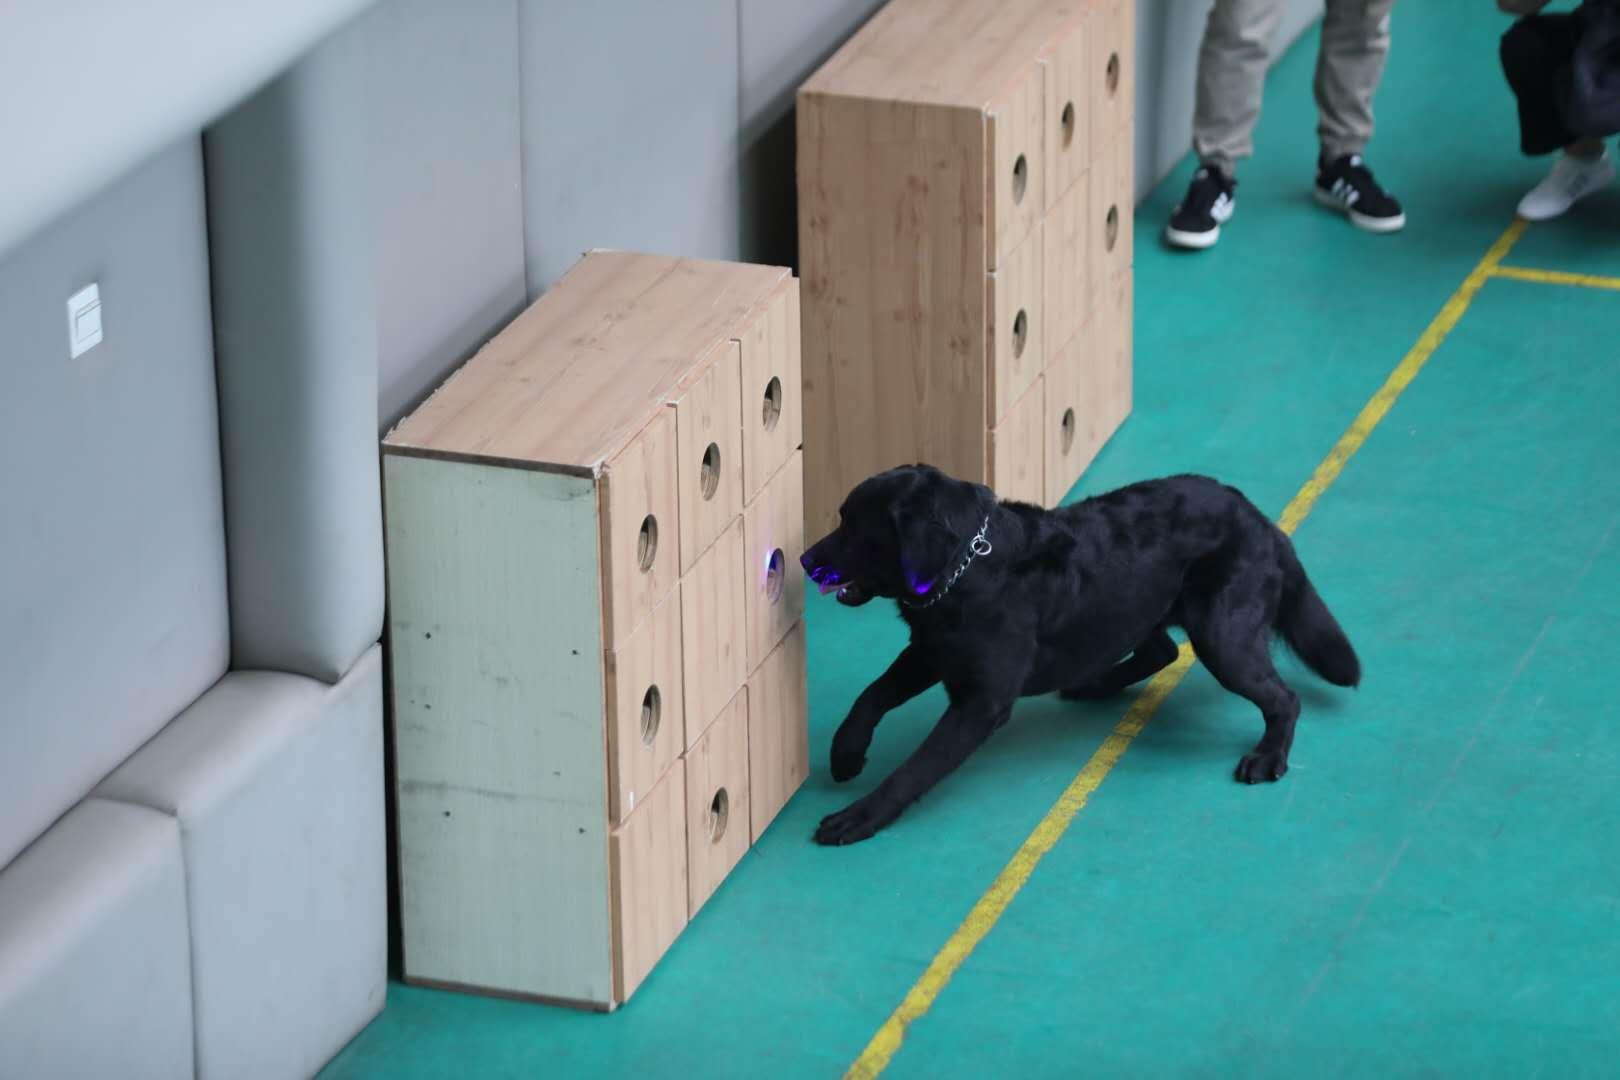 警犬通过激光笔指令进行搜索。新京报记者 王飞 摄